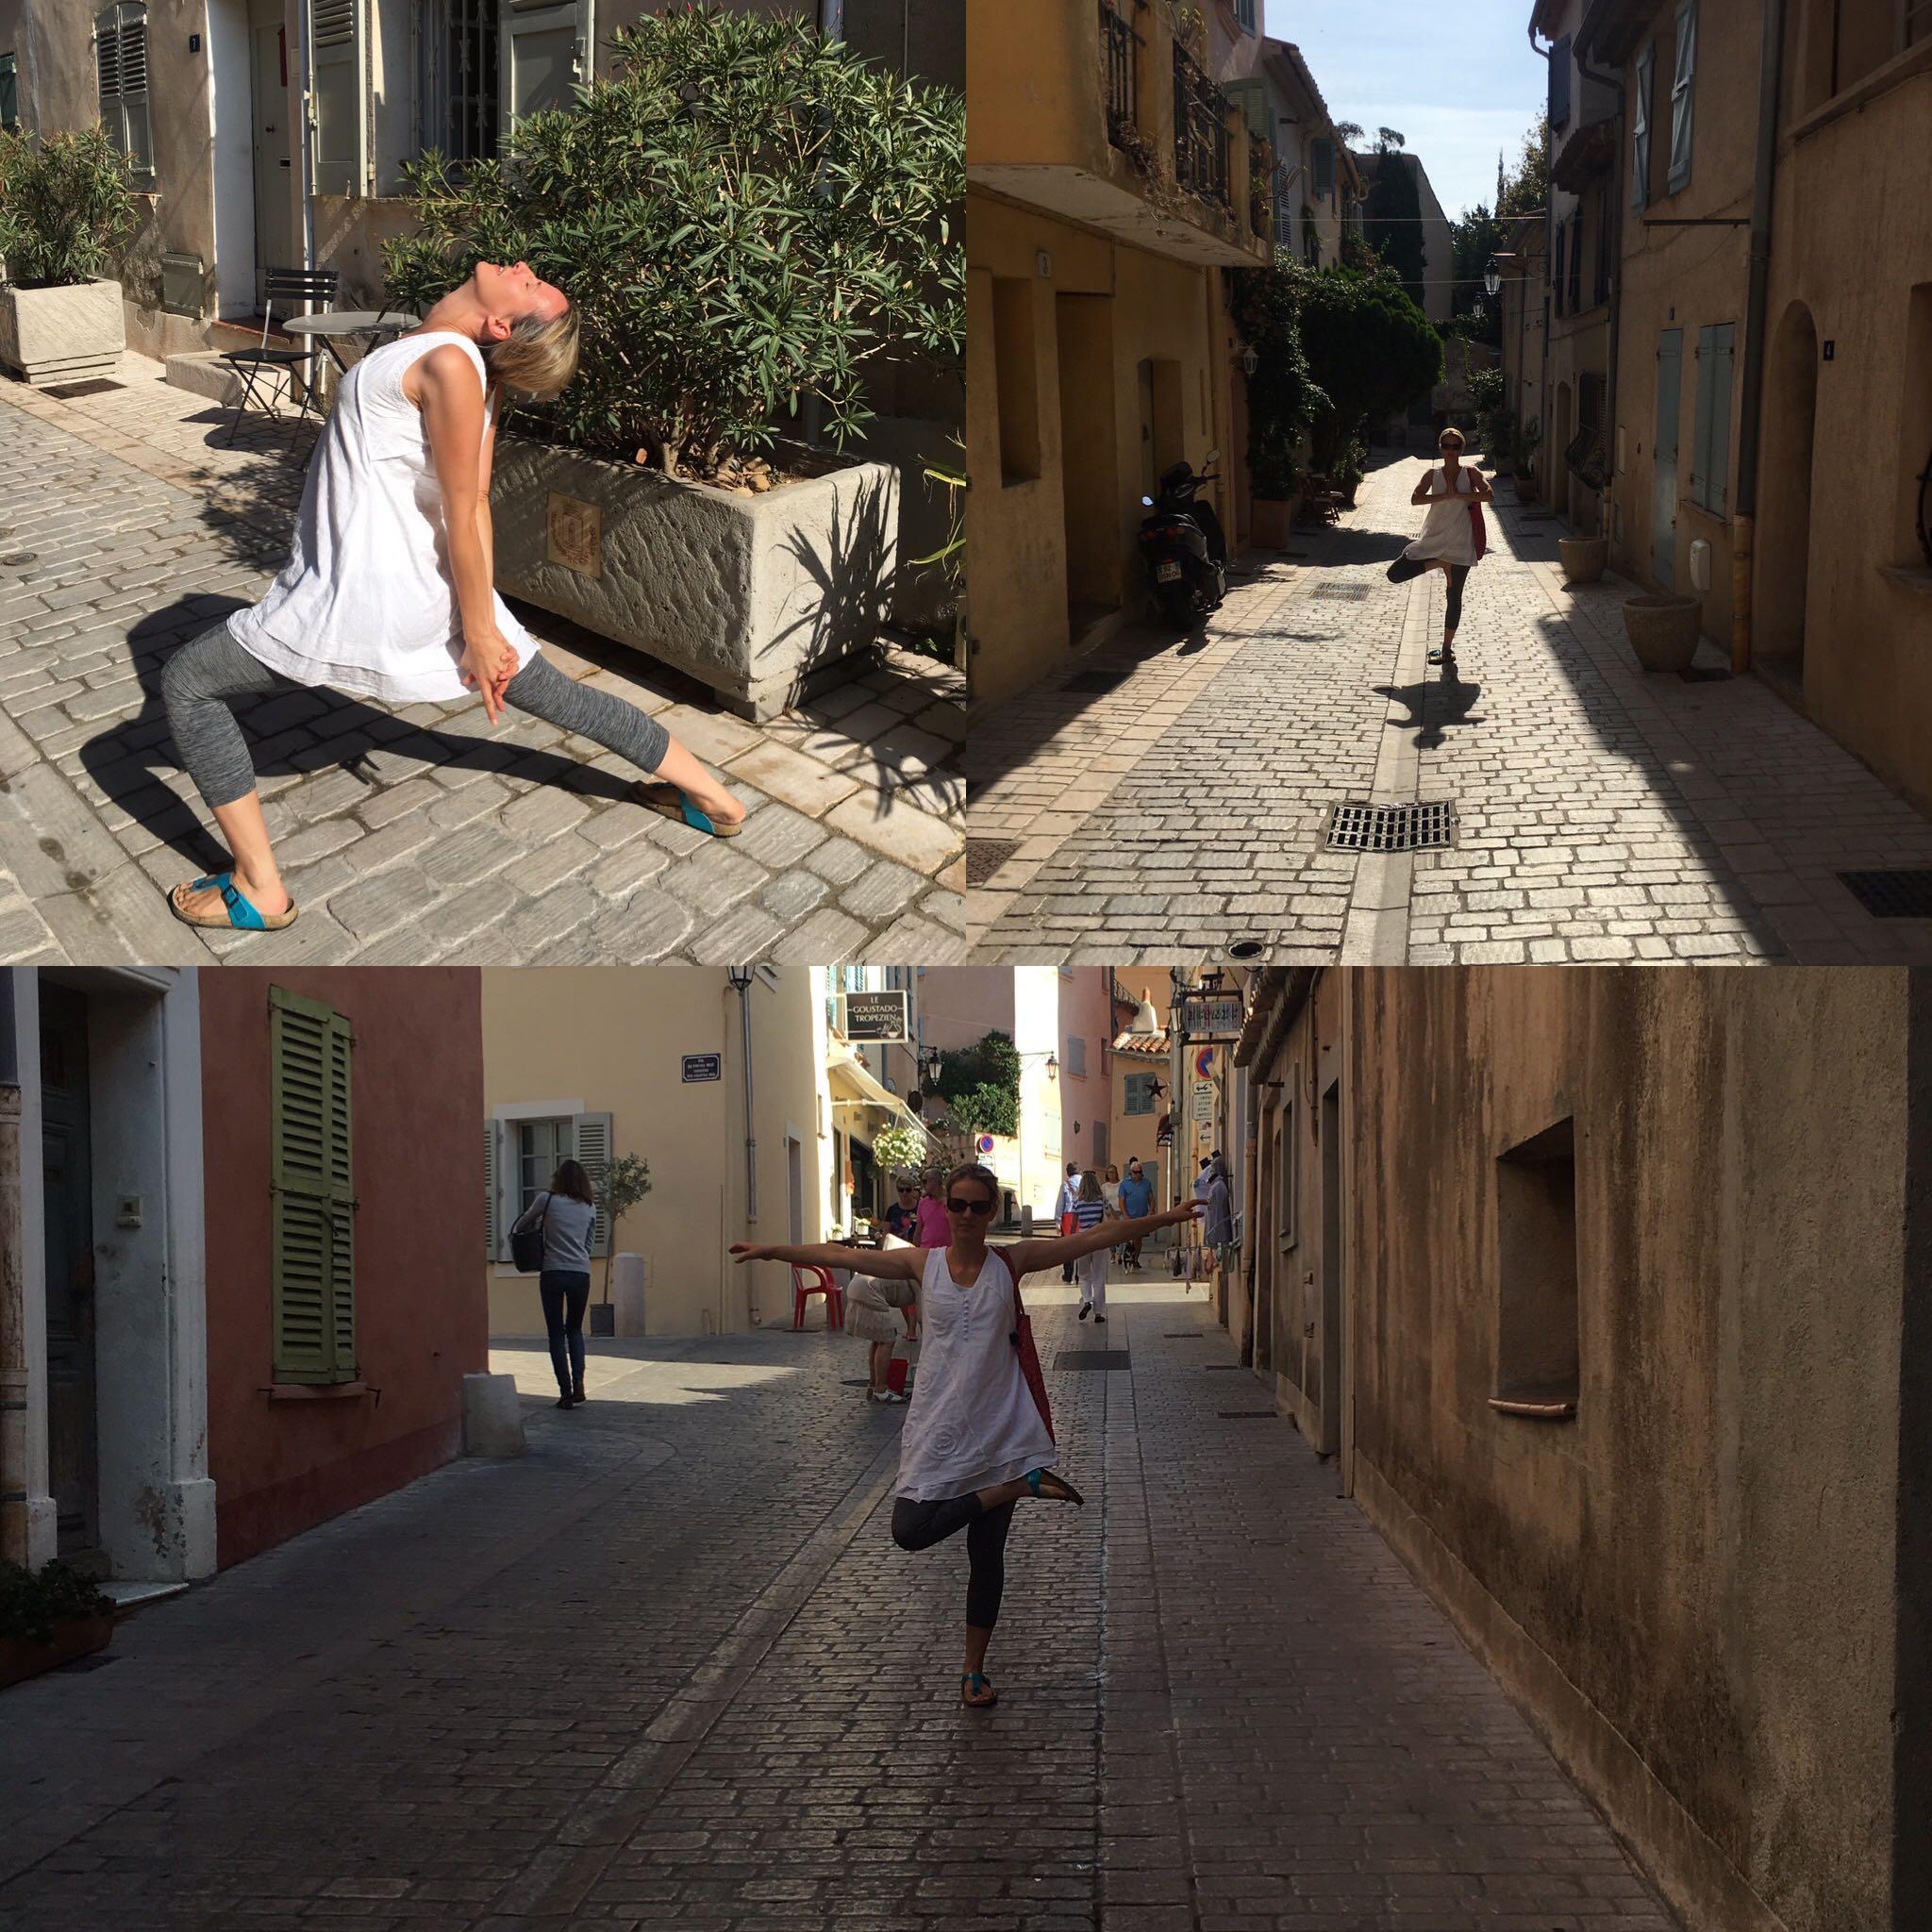 Lotte in St. Tropez